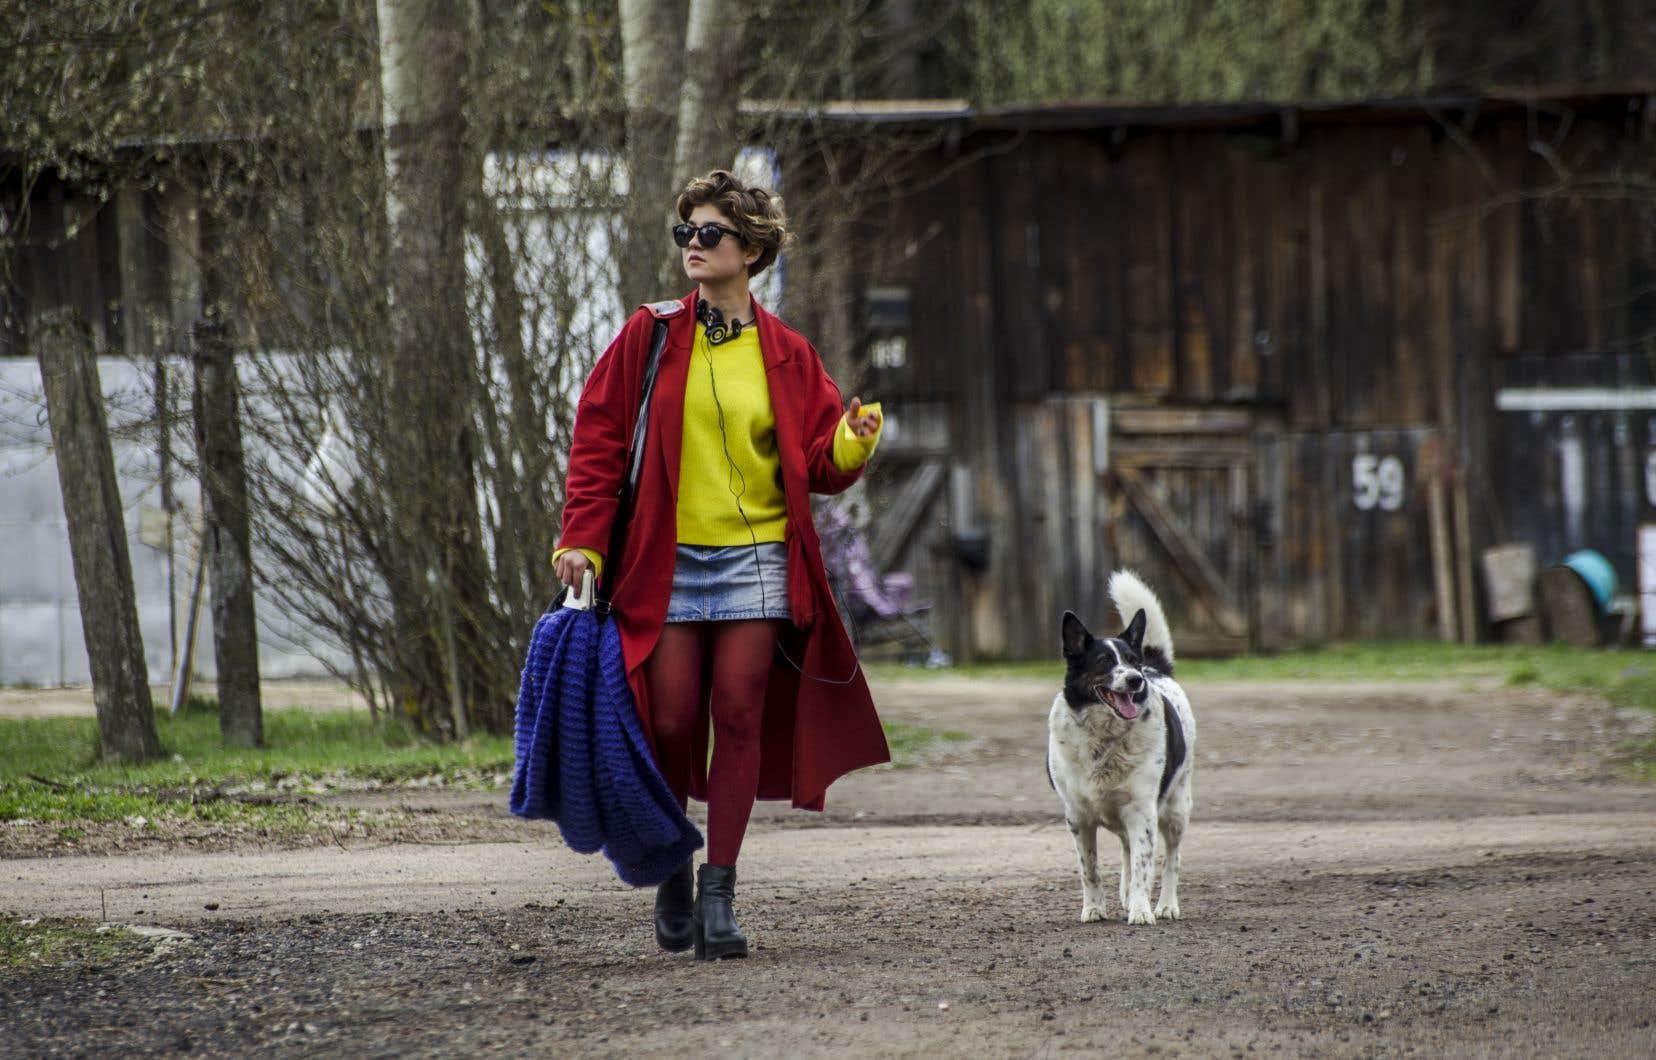 Manteau rouge, grand foulard mauve, minijupe, lunettes fumées ostentatoires et les écouteurs sur les oreilles, aucun artifice n'est de trop pour permettre à Velya  de marquer  sa présence,  sa différence.